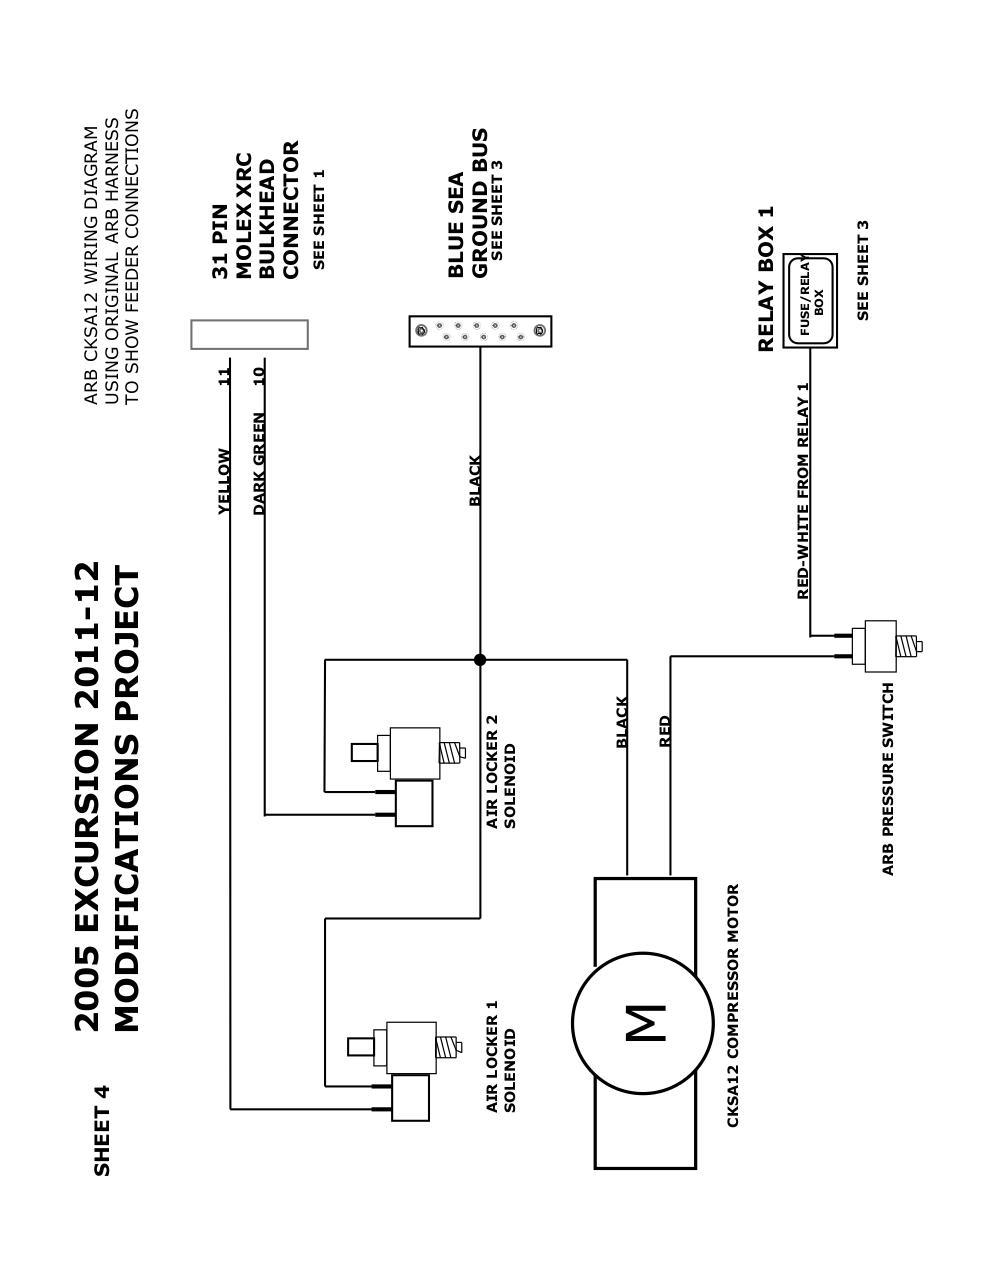 Arb Air Locker Pressor Switch Wiring Diagram on